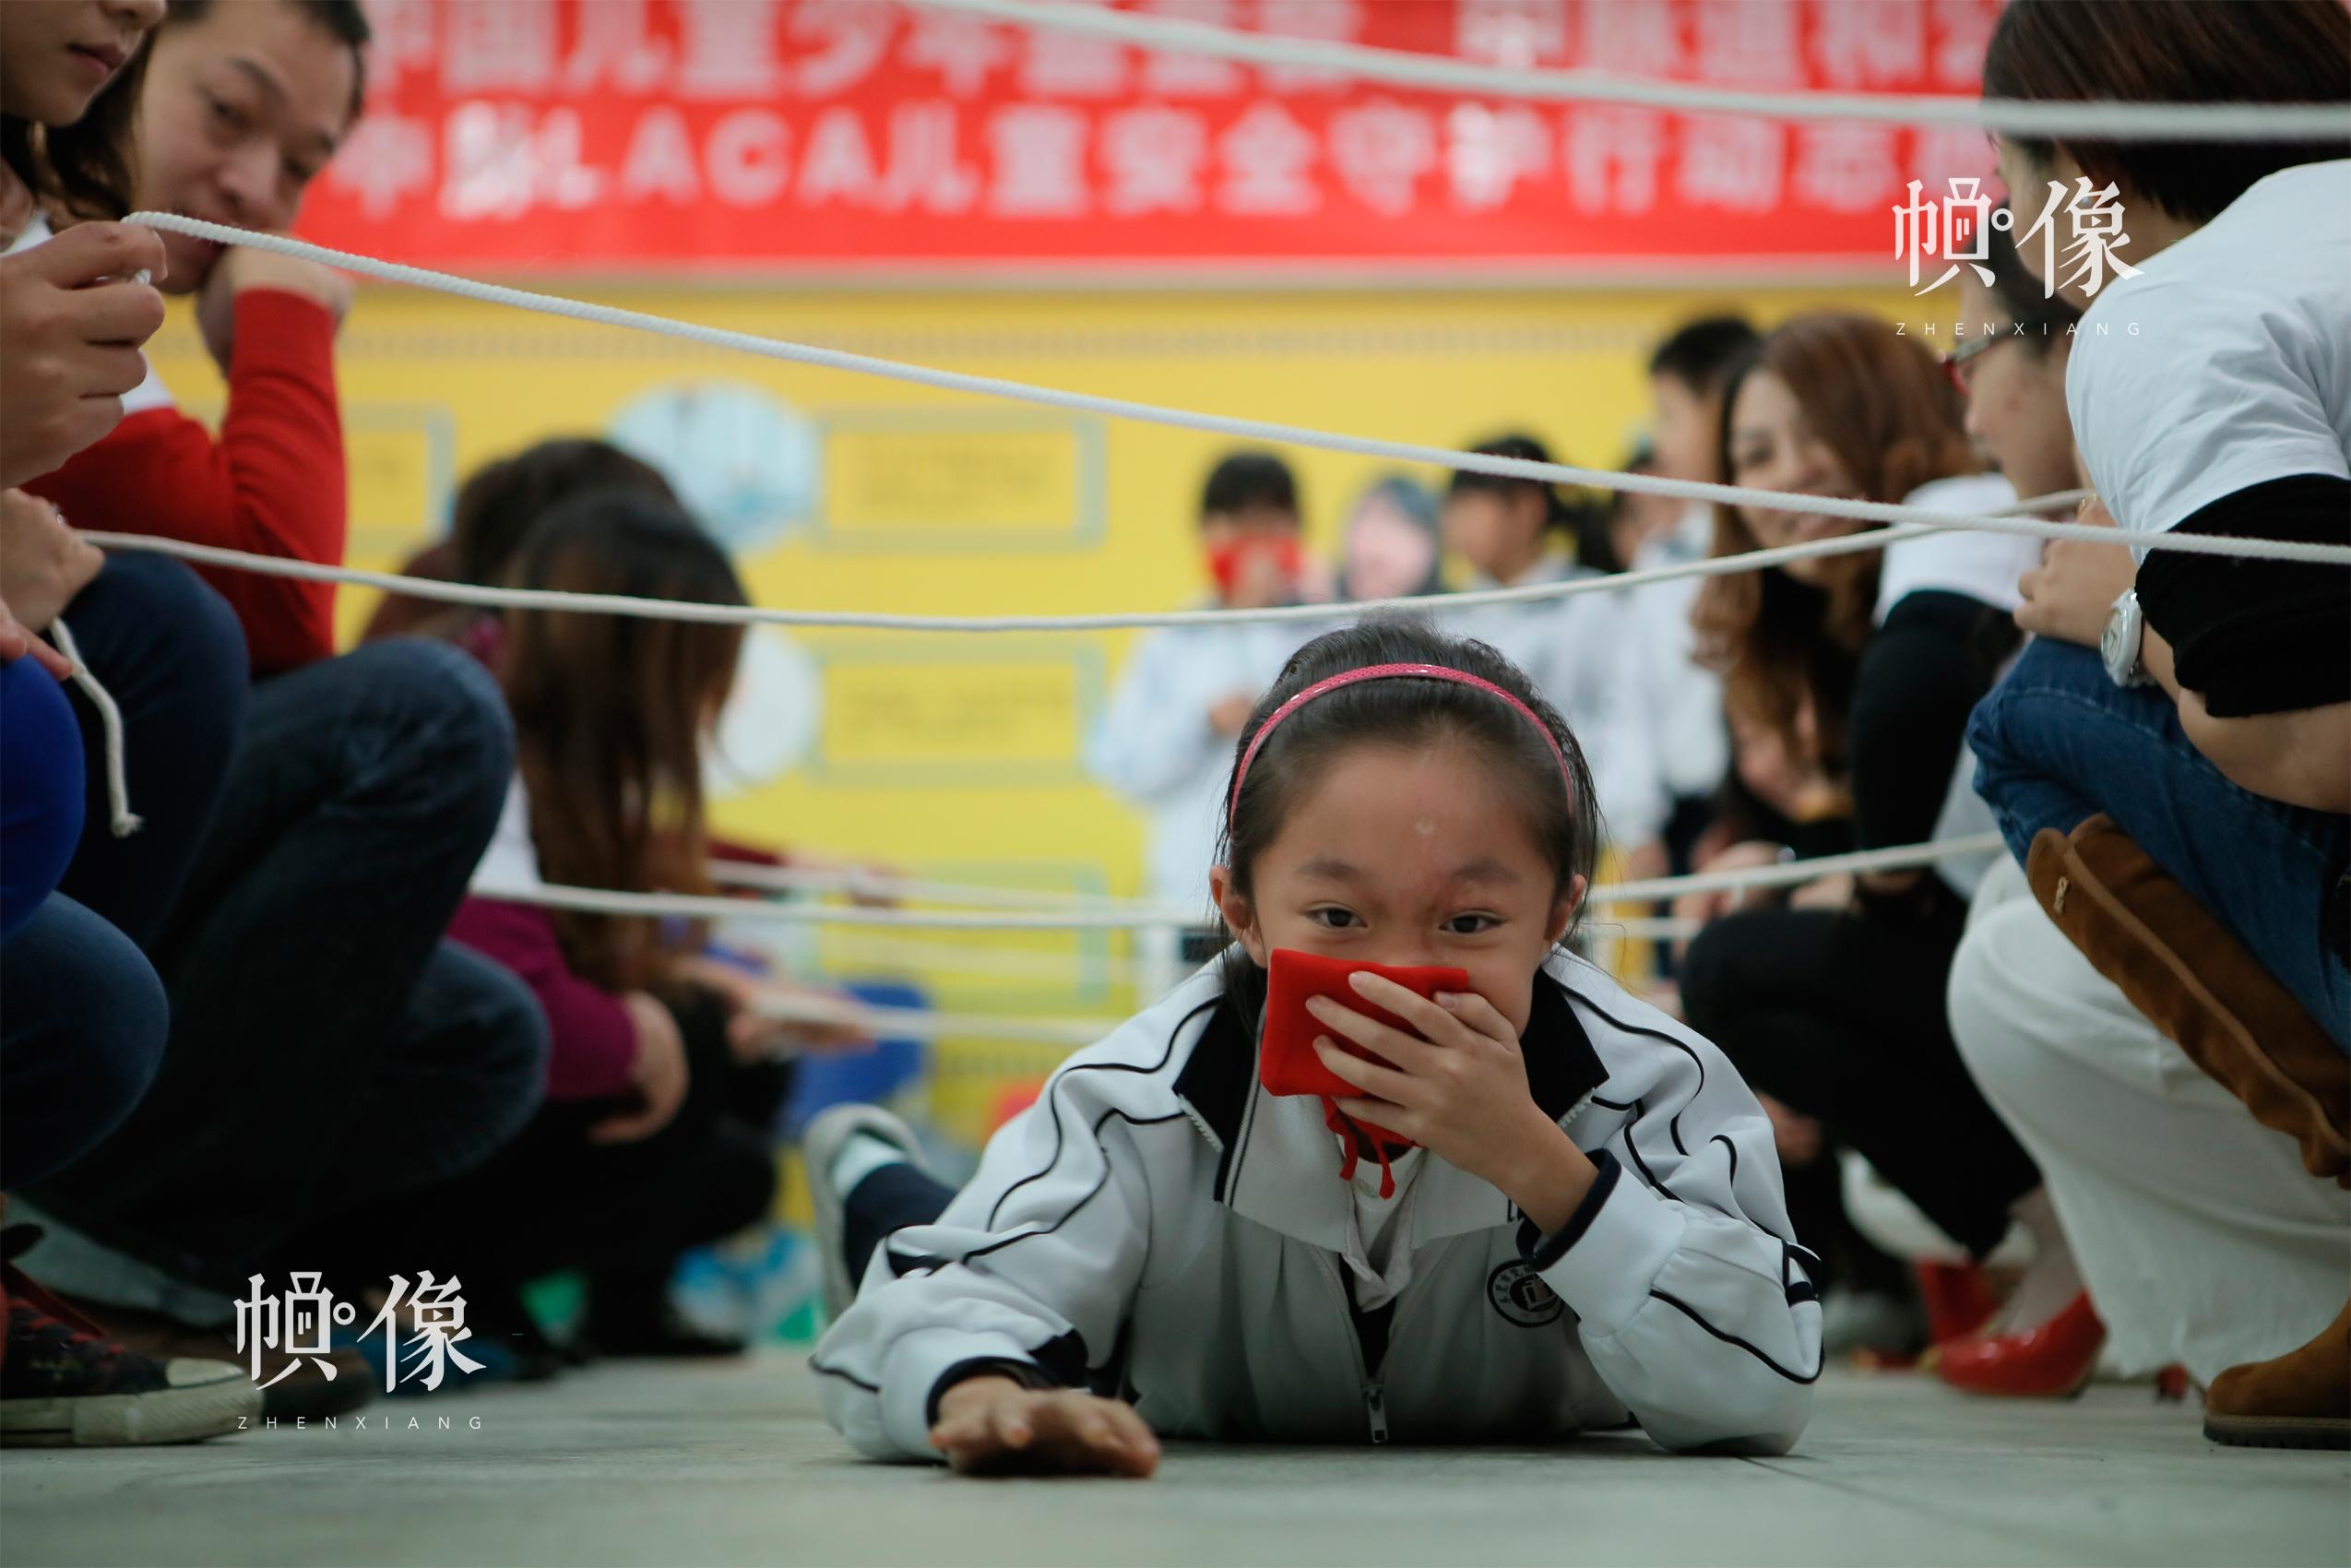 安全教育进校园活动走进东莞,学生模拟体验烟道逃生。中国儿童少年基金会供图